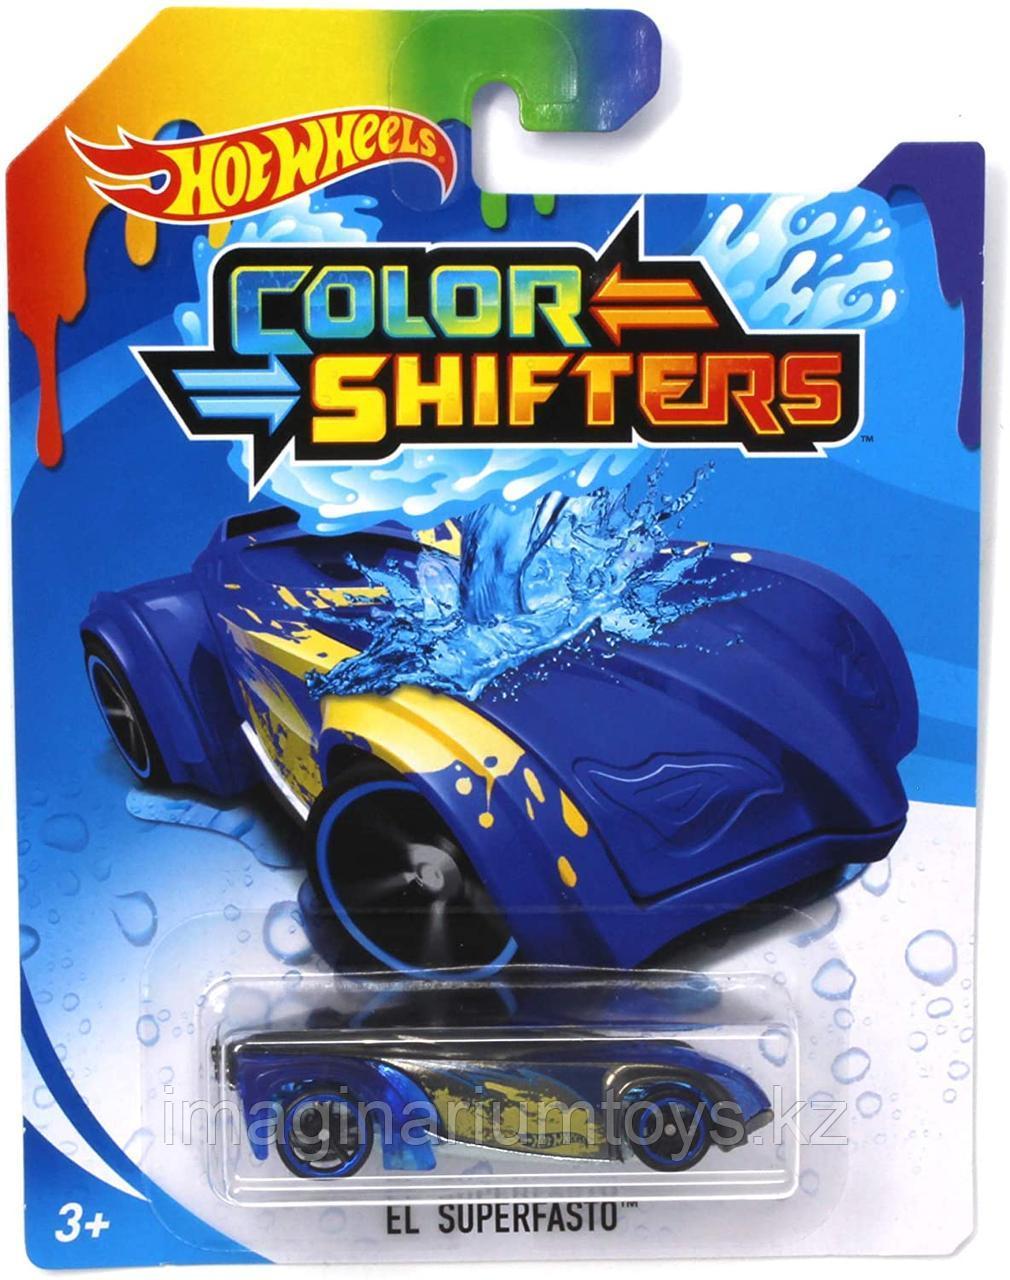 Машинки Hot Wheels Color Shifters меняет цвет - фото 1